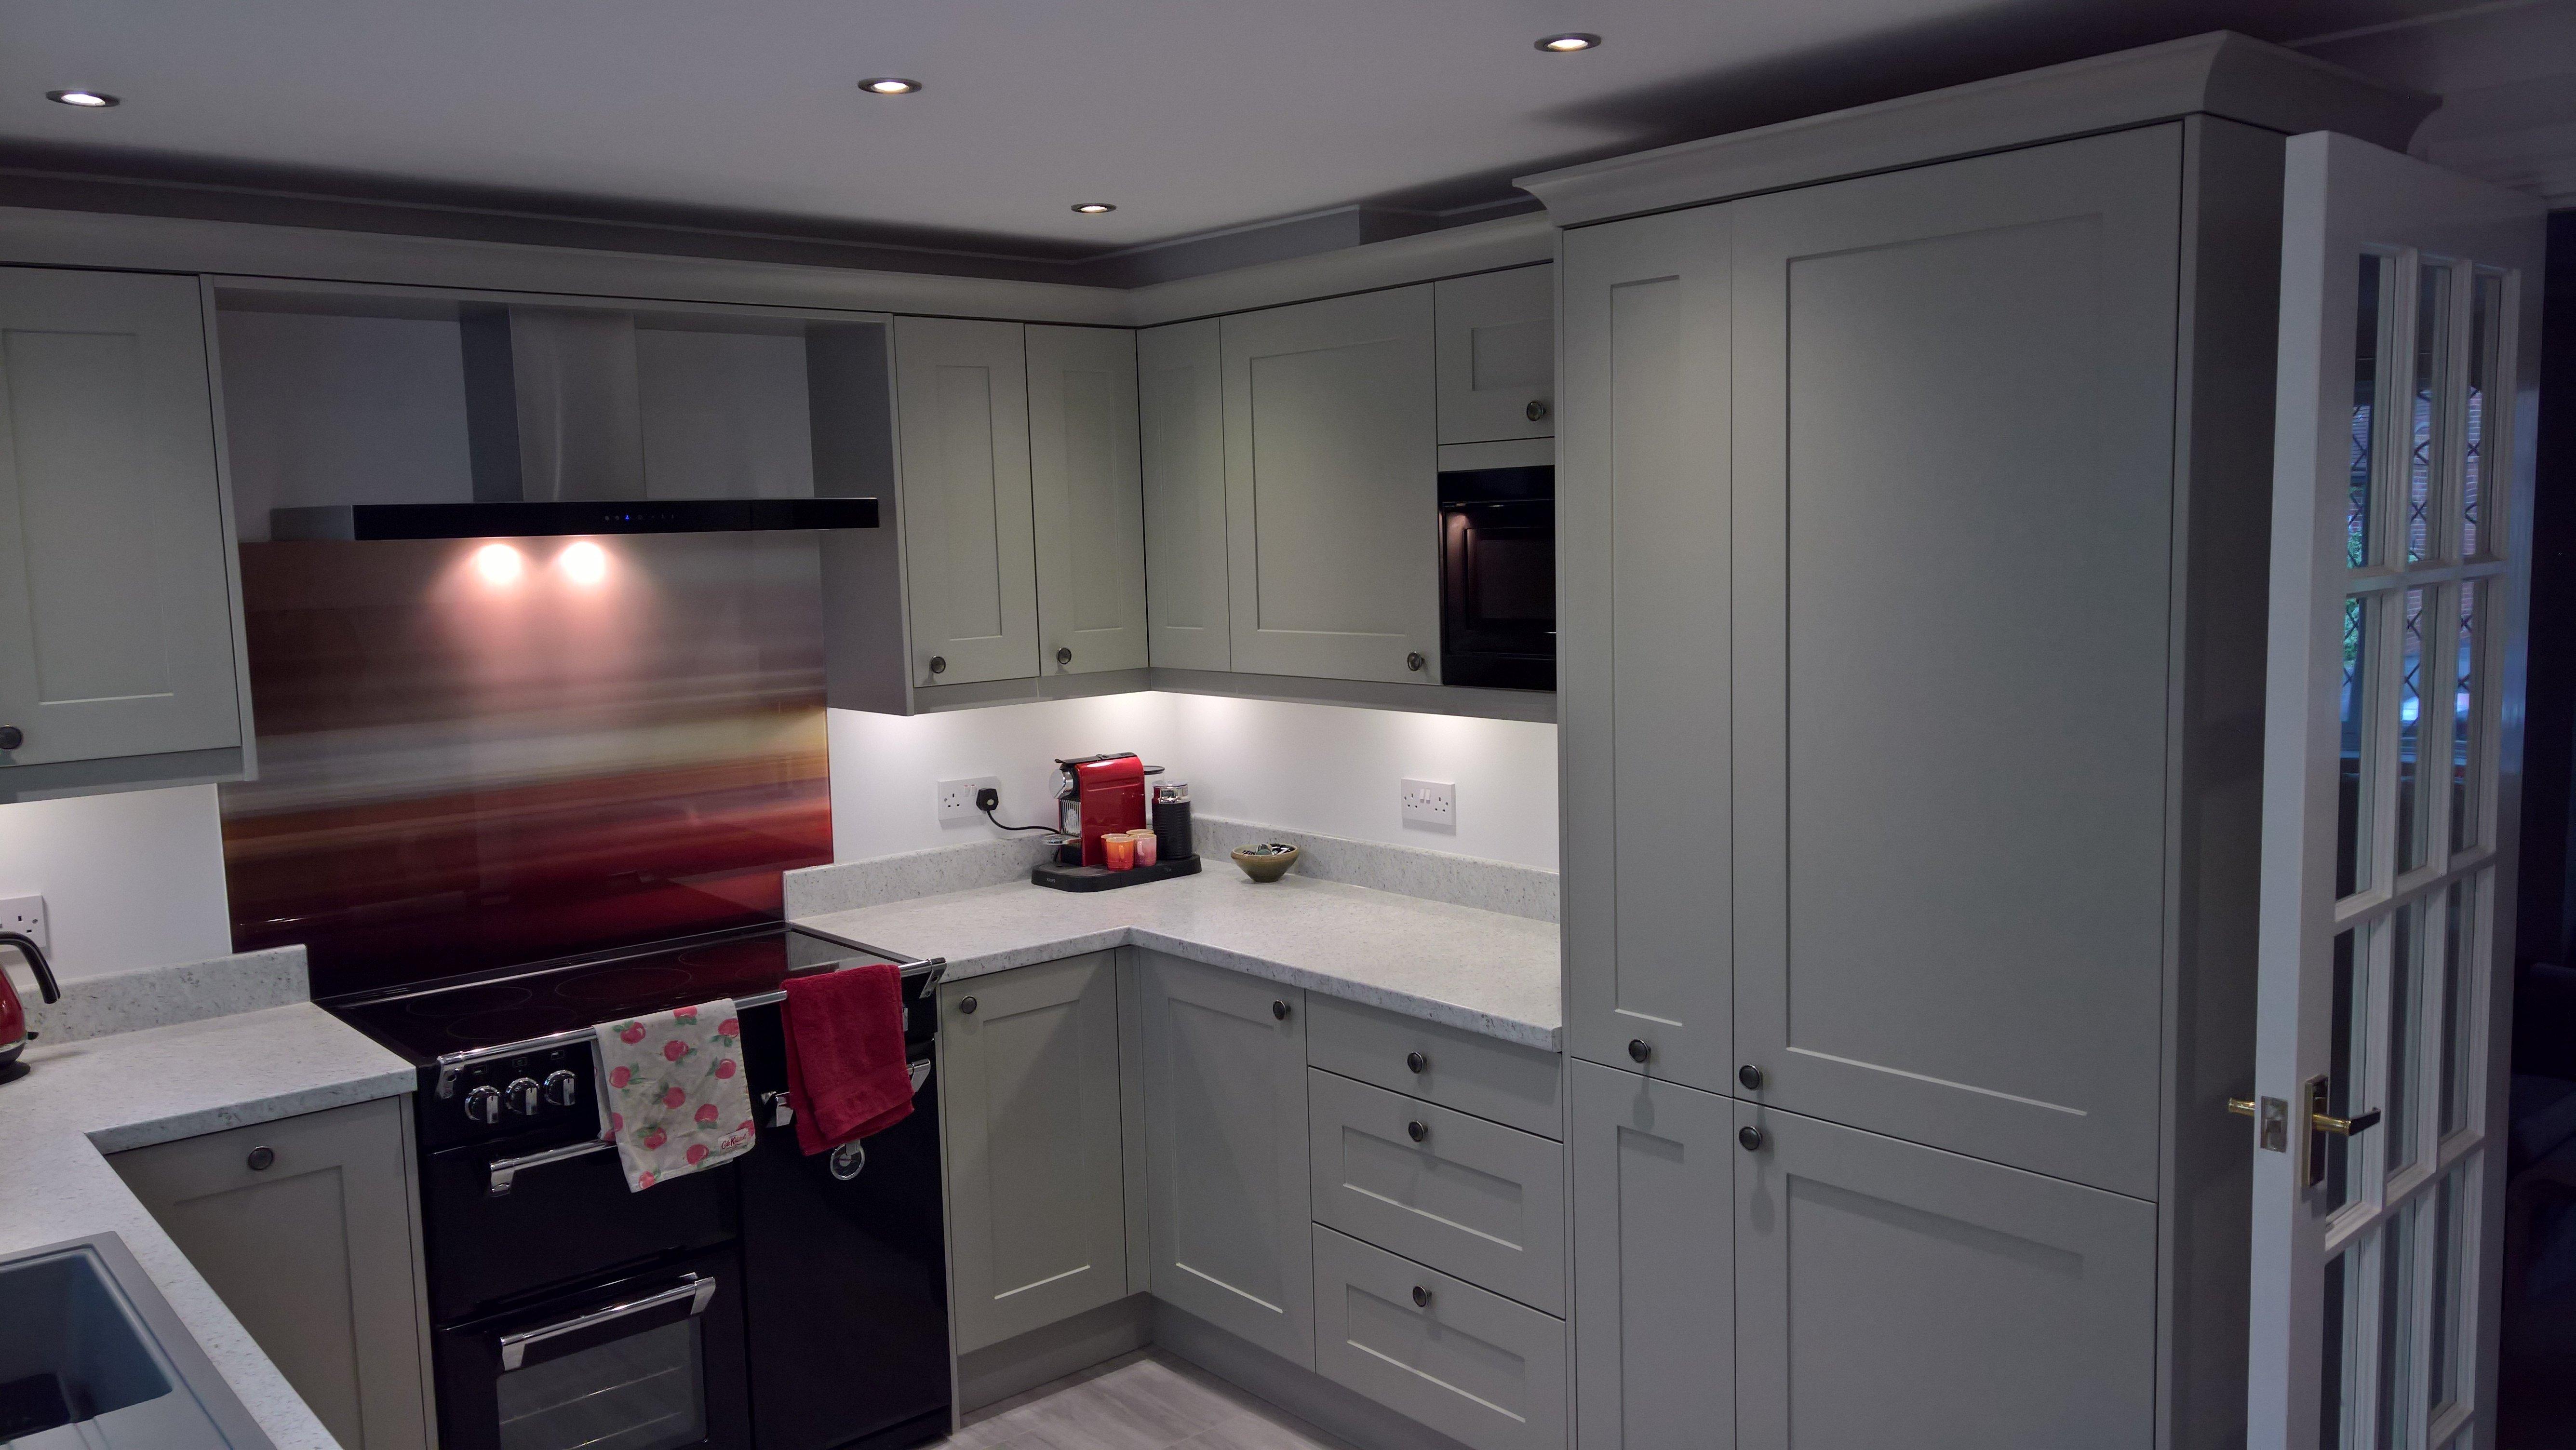 New white kitchen install